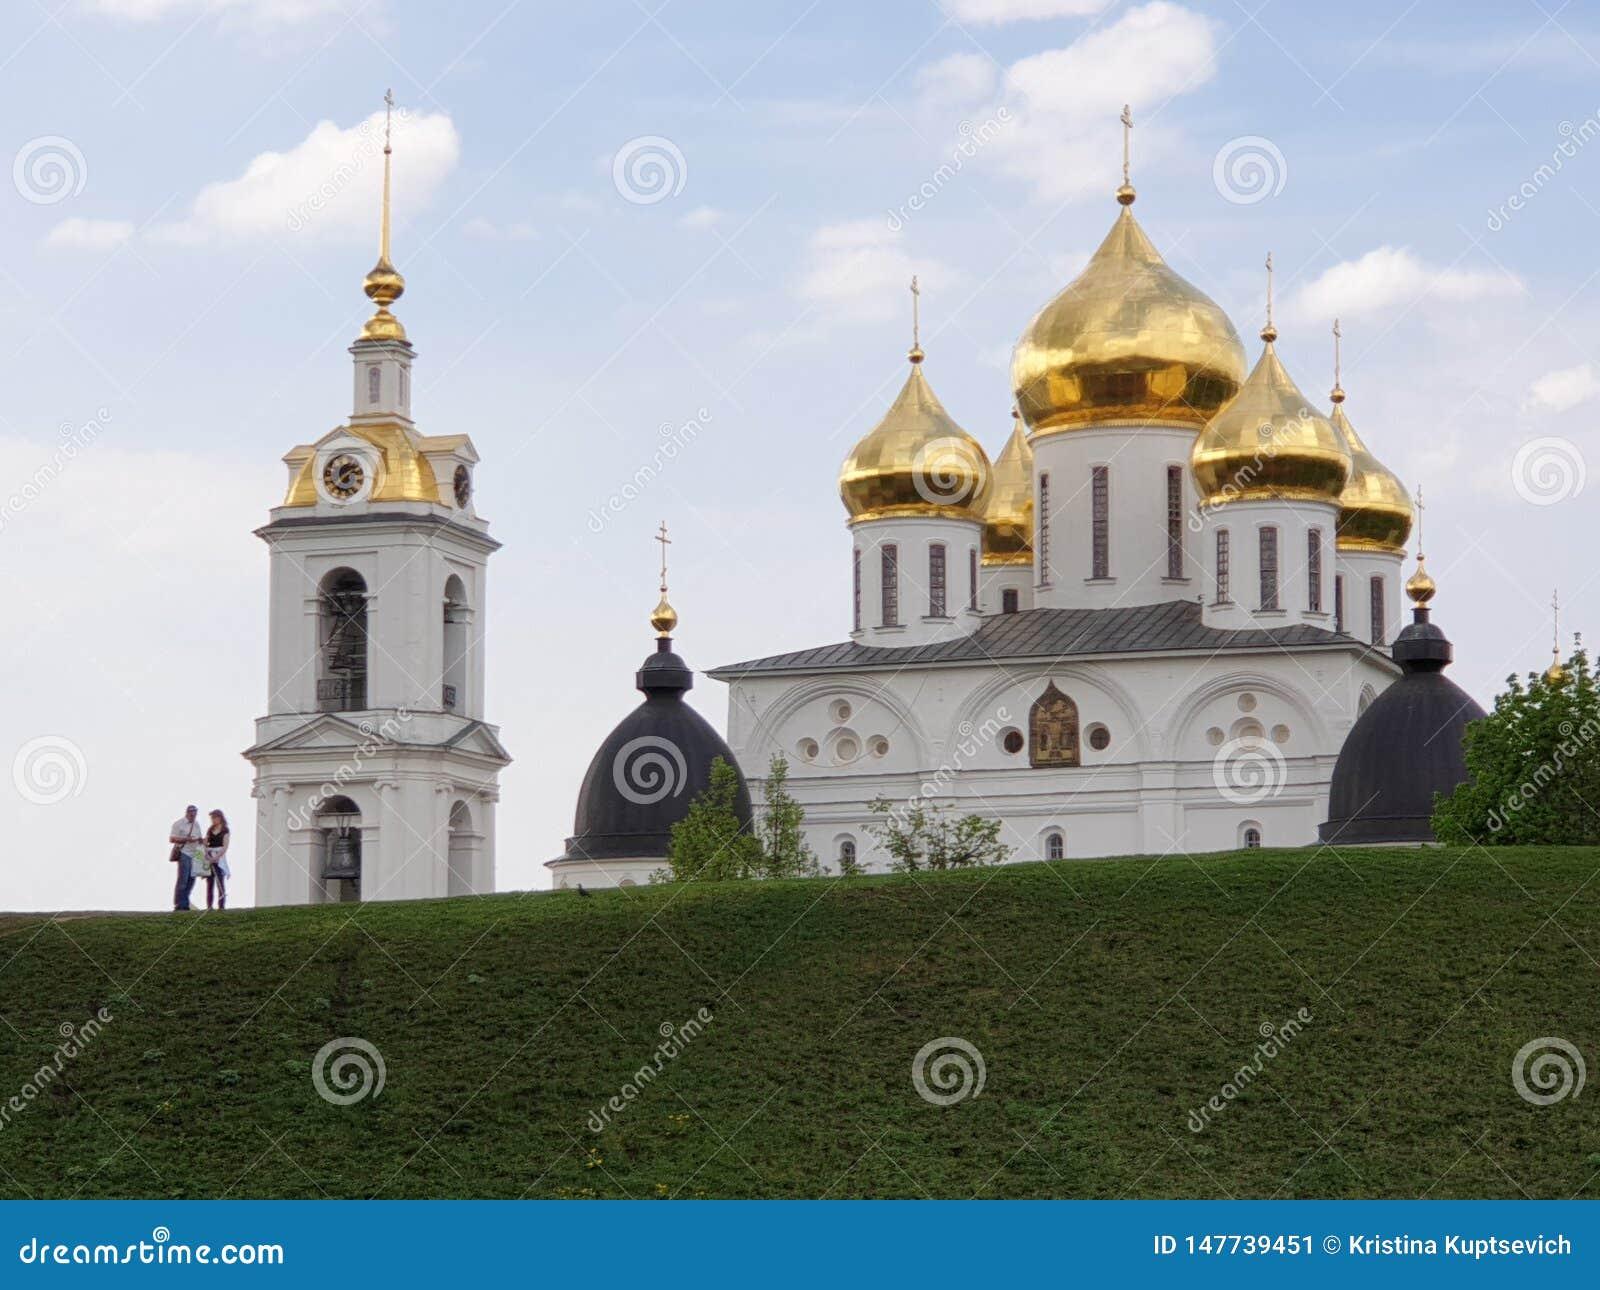 Dmitrov Rússia - 10 de maio de 2019: Kremlin de Dmitrov